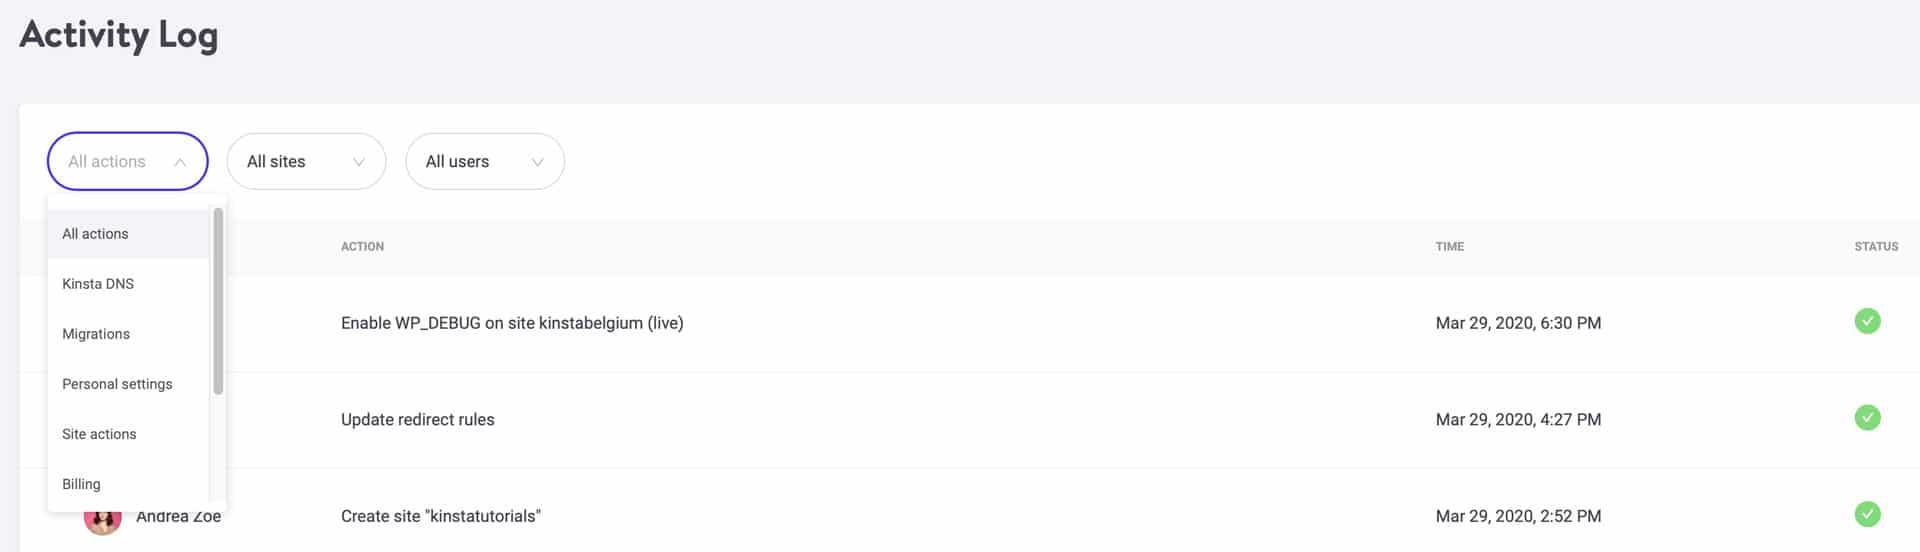 El filtro de categoría para el registro de actividad de MyKinsta.